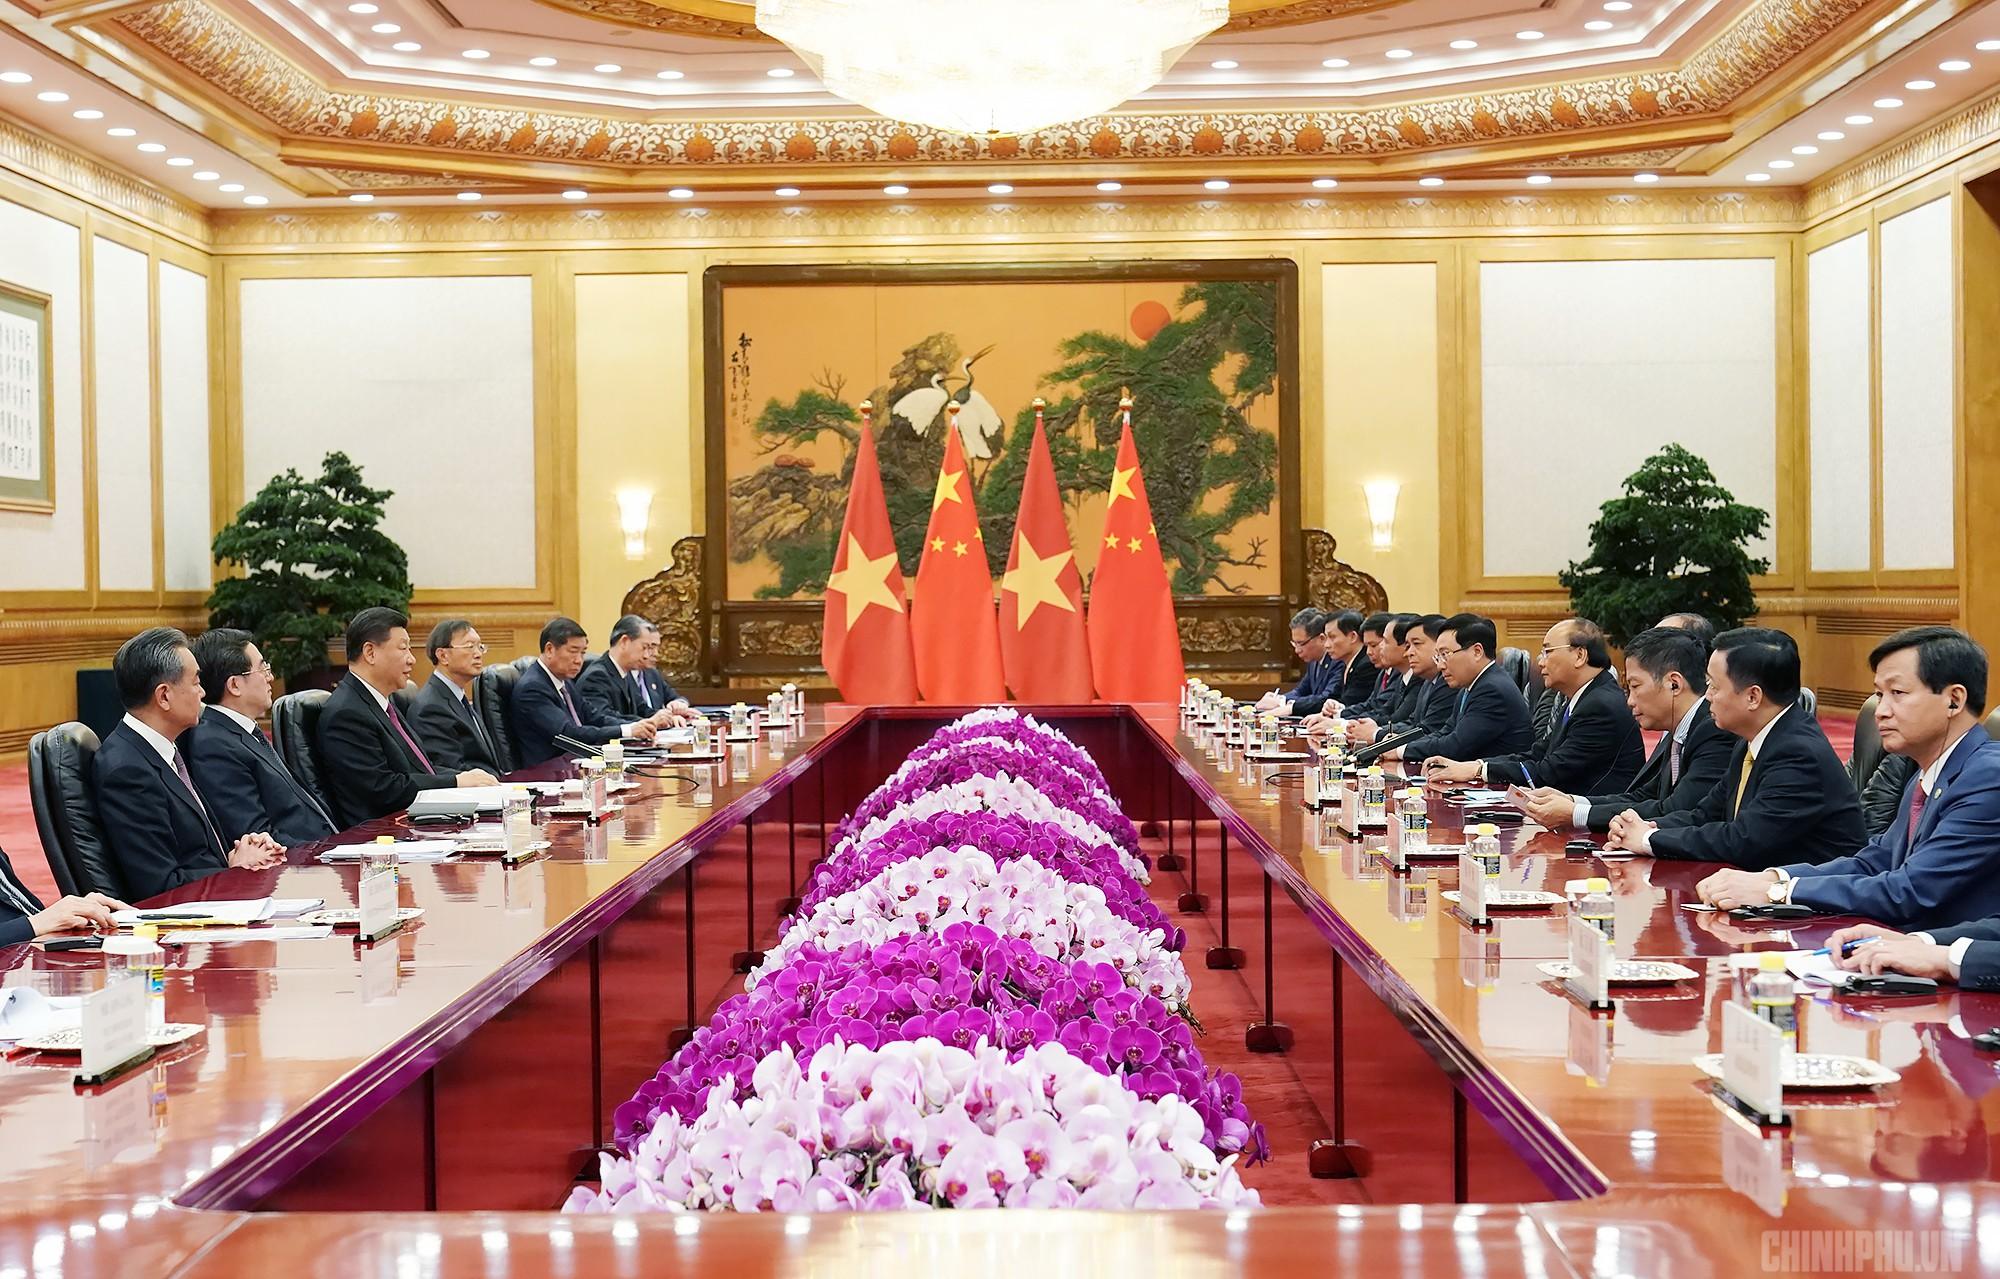 Thủ tướng Nguyễn Xuân Phúc hội kiến Tổng Bí thư, Chủ tịch Trung Quốc Tập Cận Bình - Ảnh 2.